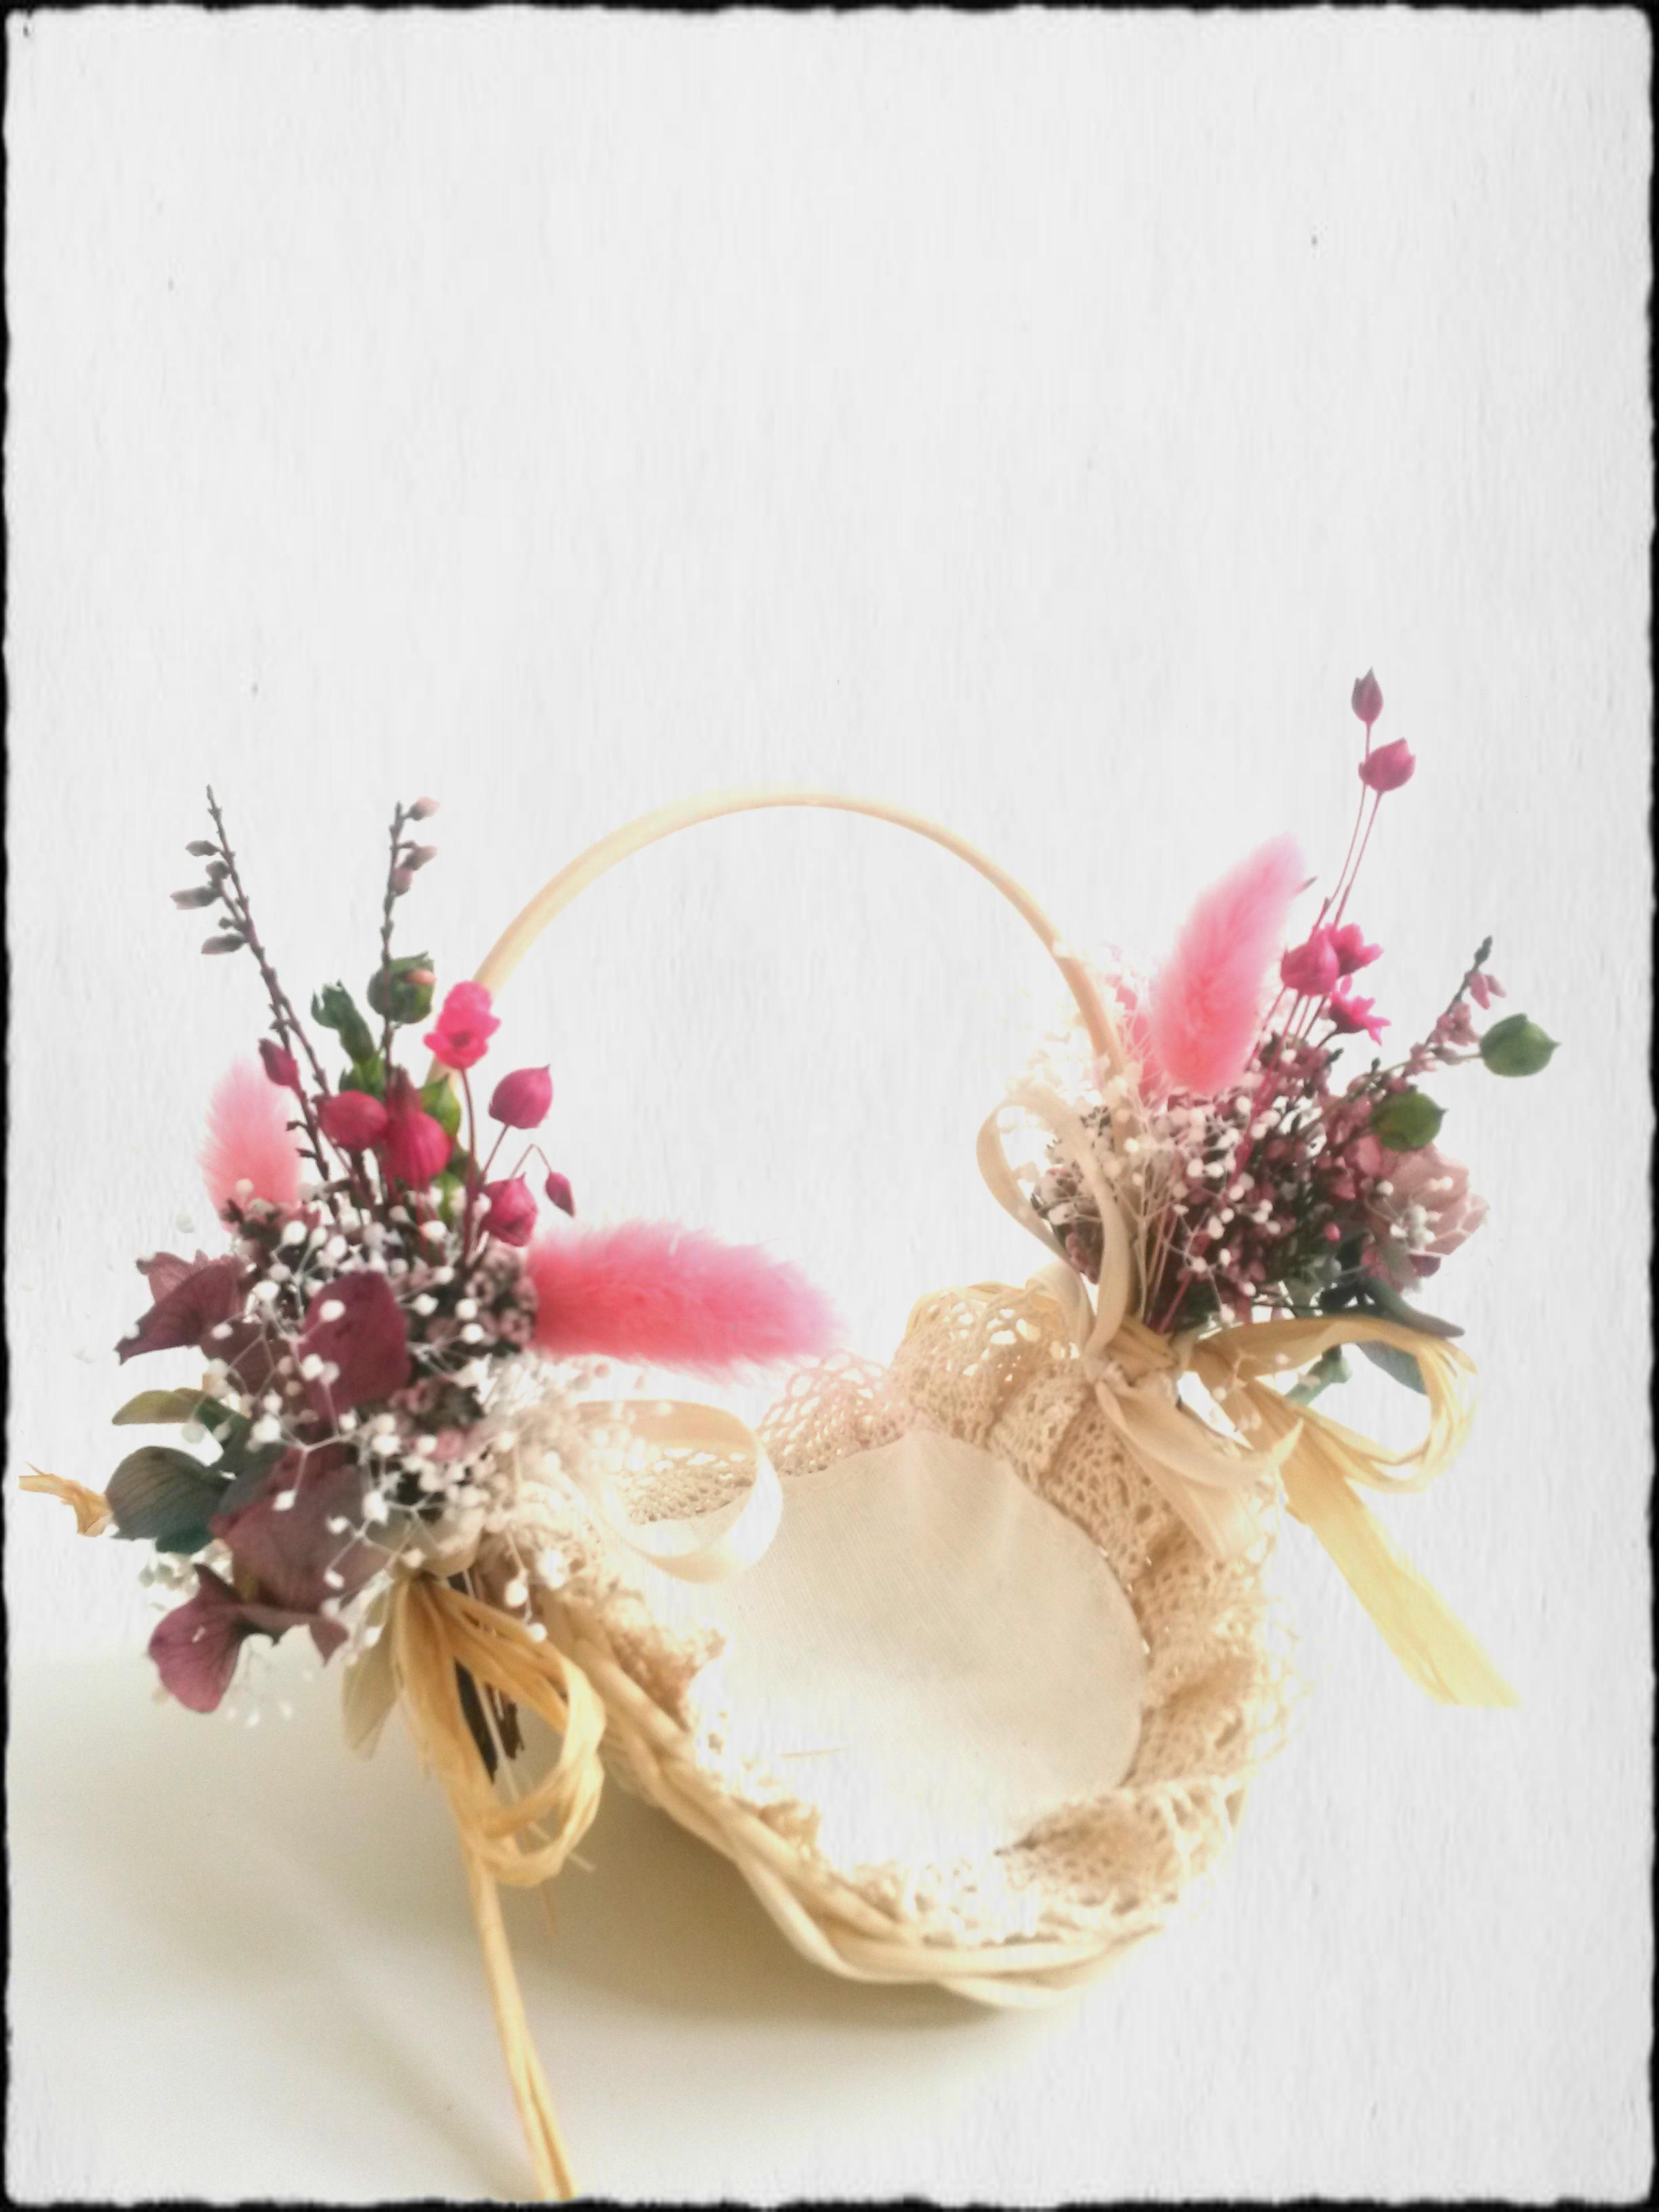 Arras porta anillos novelle novias - Cosas para preparar una boda ...